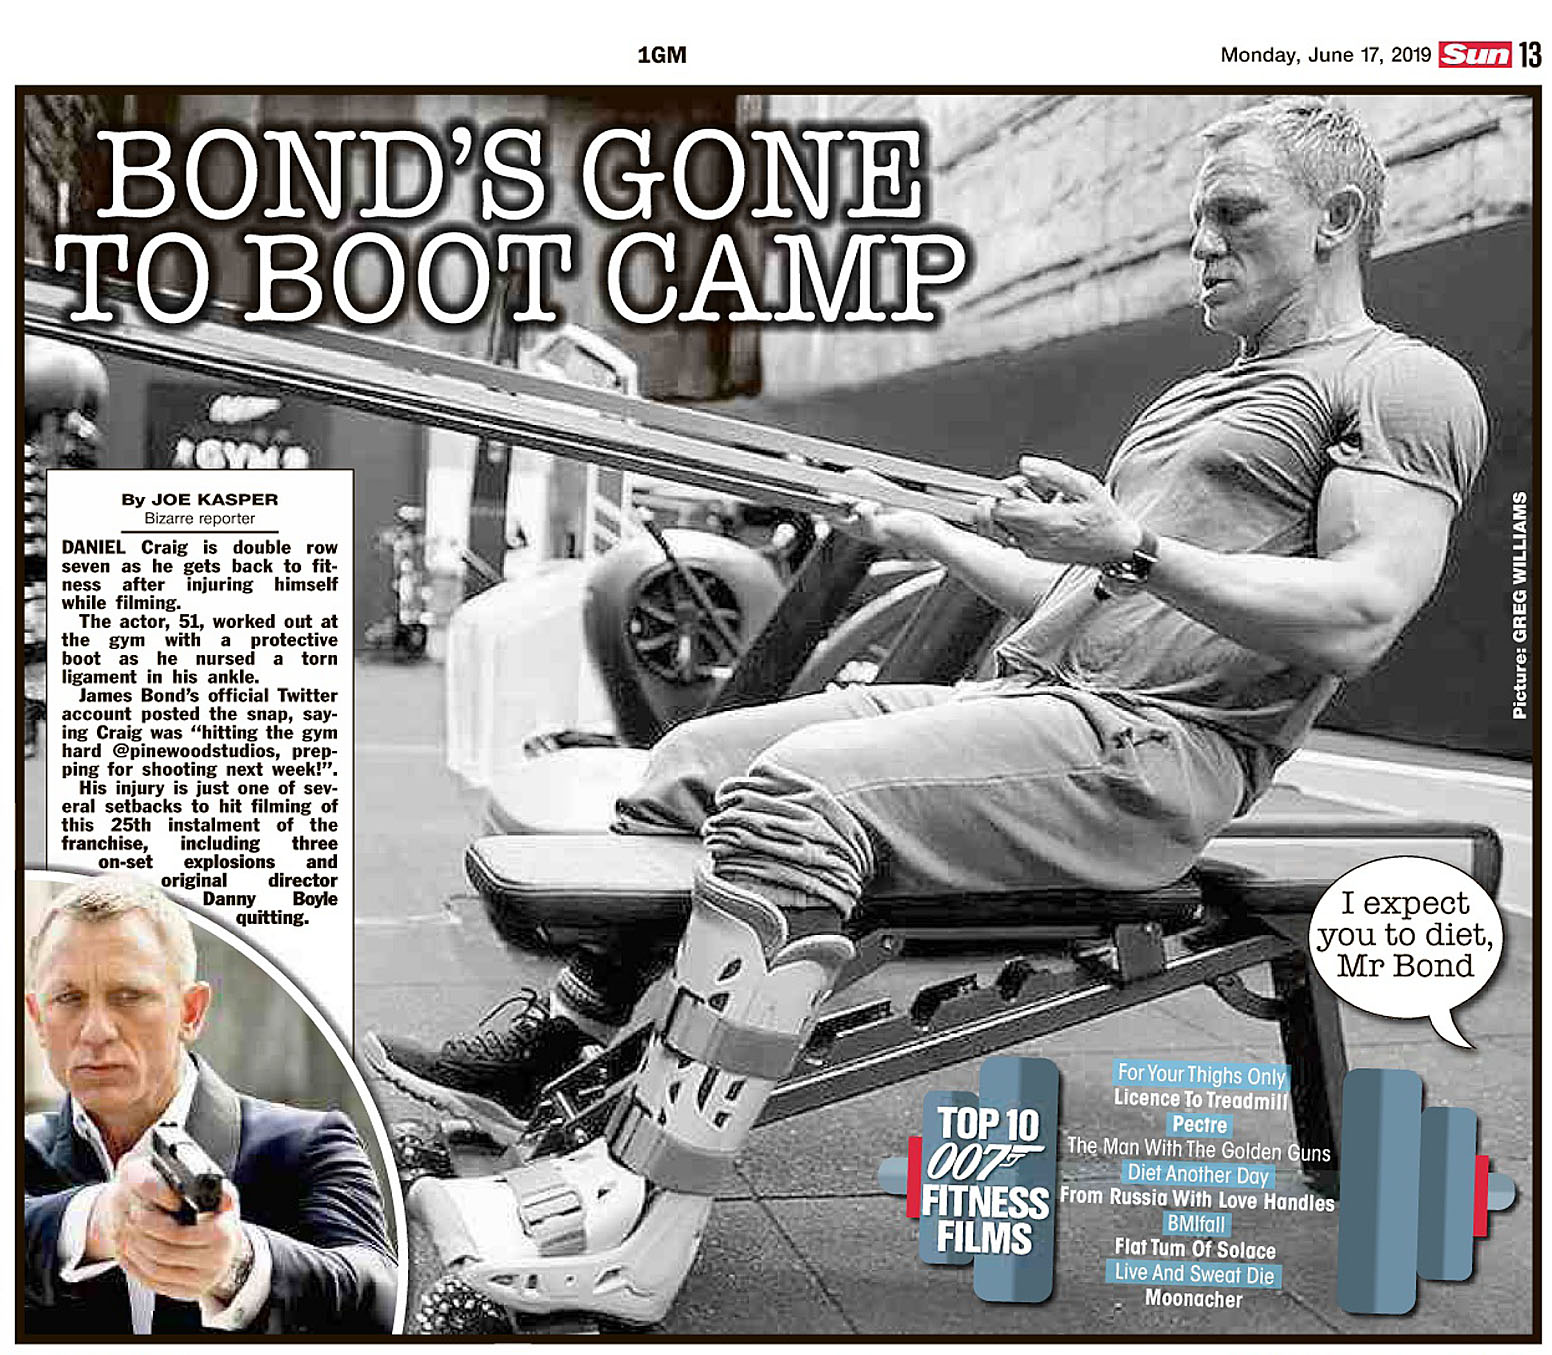 The Sun UK 17 June 2019 Bond.jpg